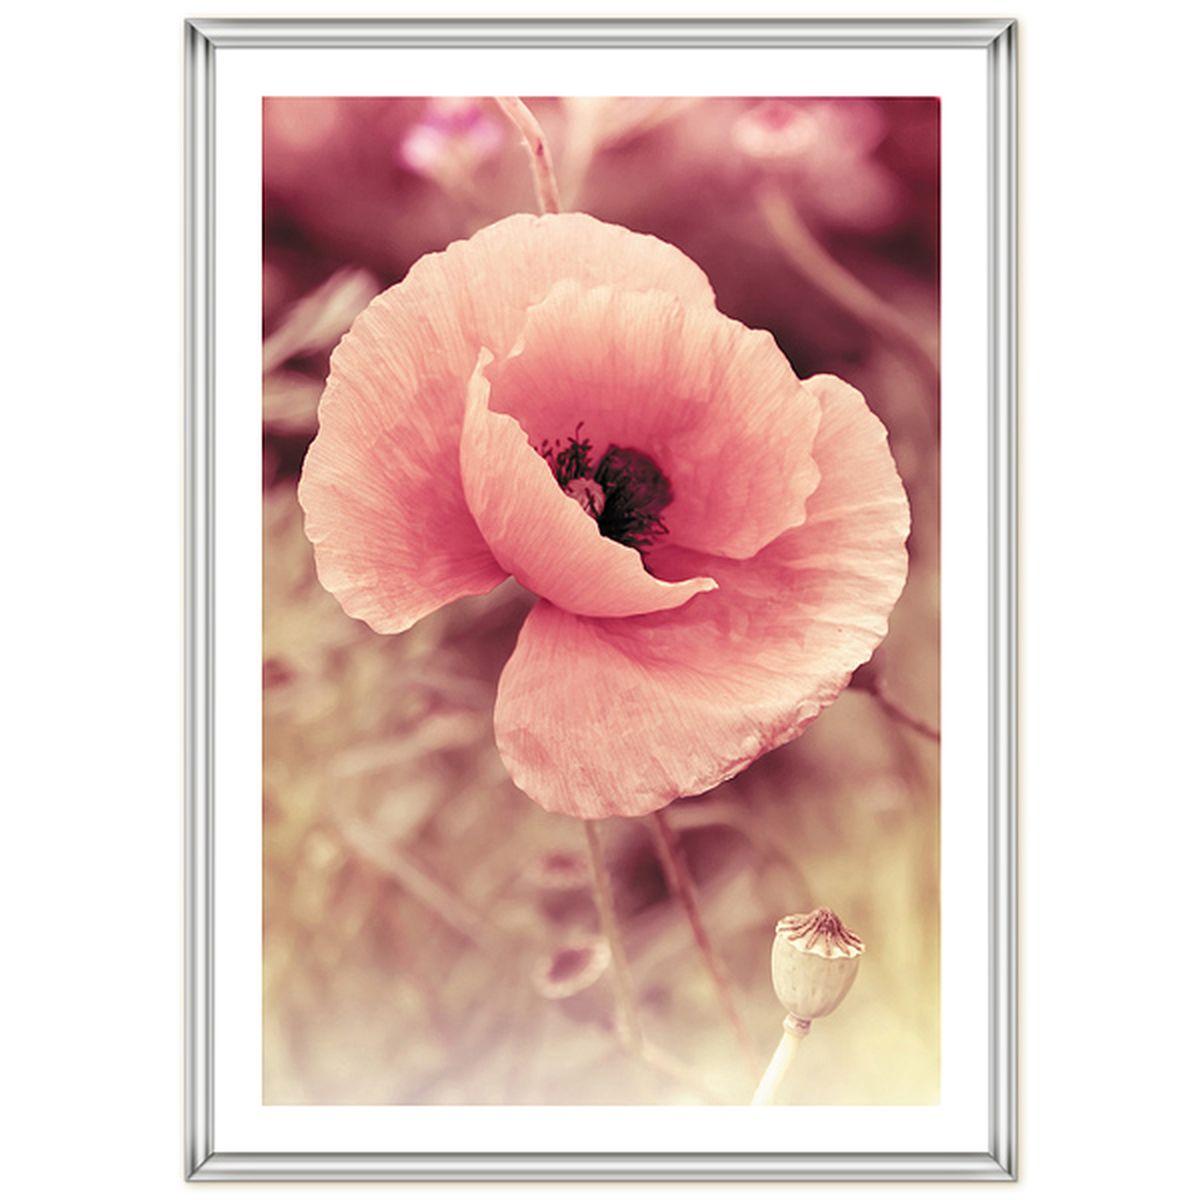 Фоторамка Pioneer Poster Silver, 40 x 60 см74-0060Рамка для фото формата 40х60 см.Материал: пластик.Материалы, использованные в изготовлении рамок, обеспечивают высокое качество хранения Ваших фотографий, поэтому фотографии не желтеют со временем.